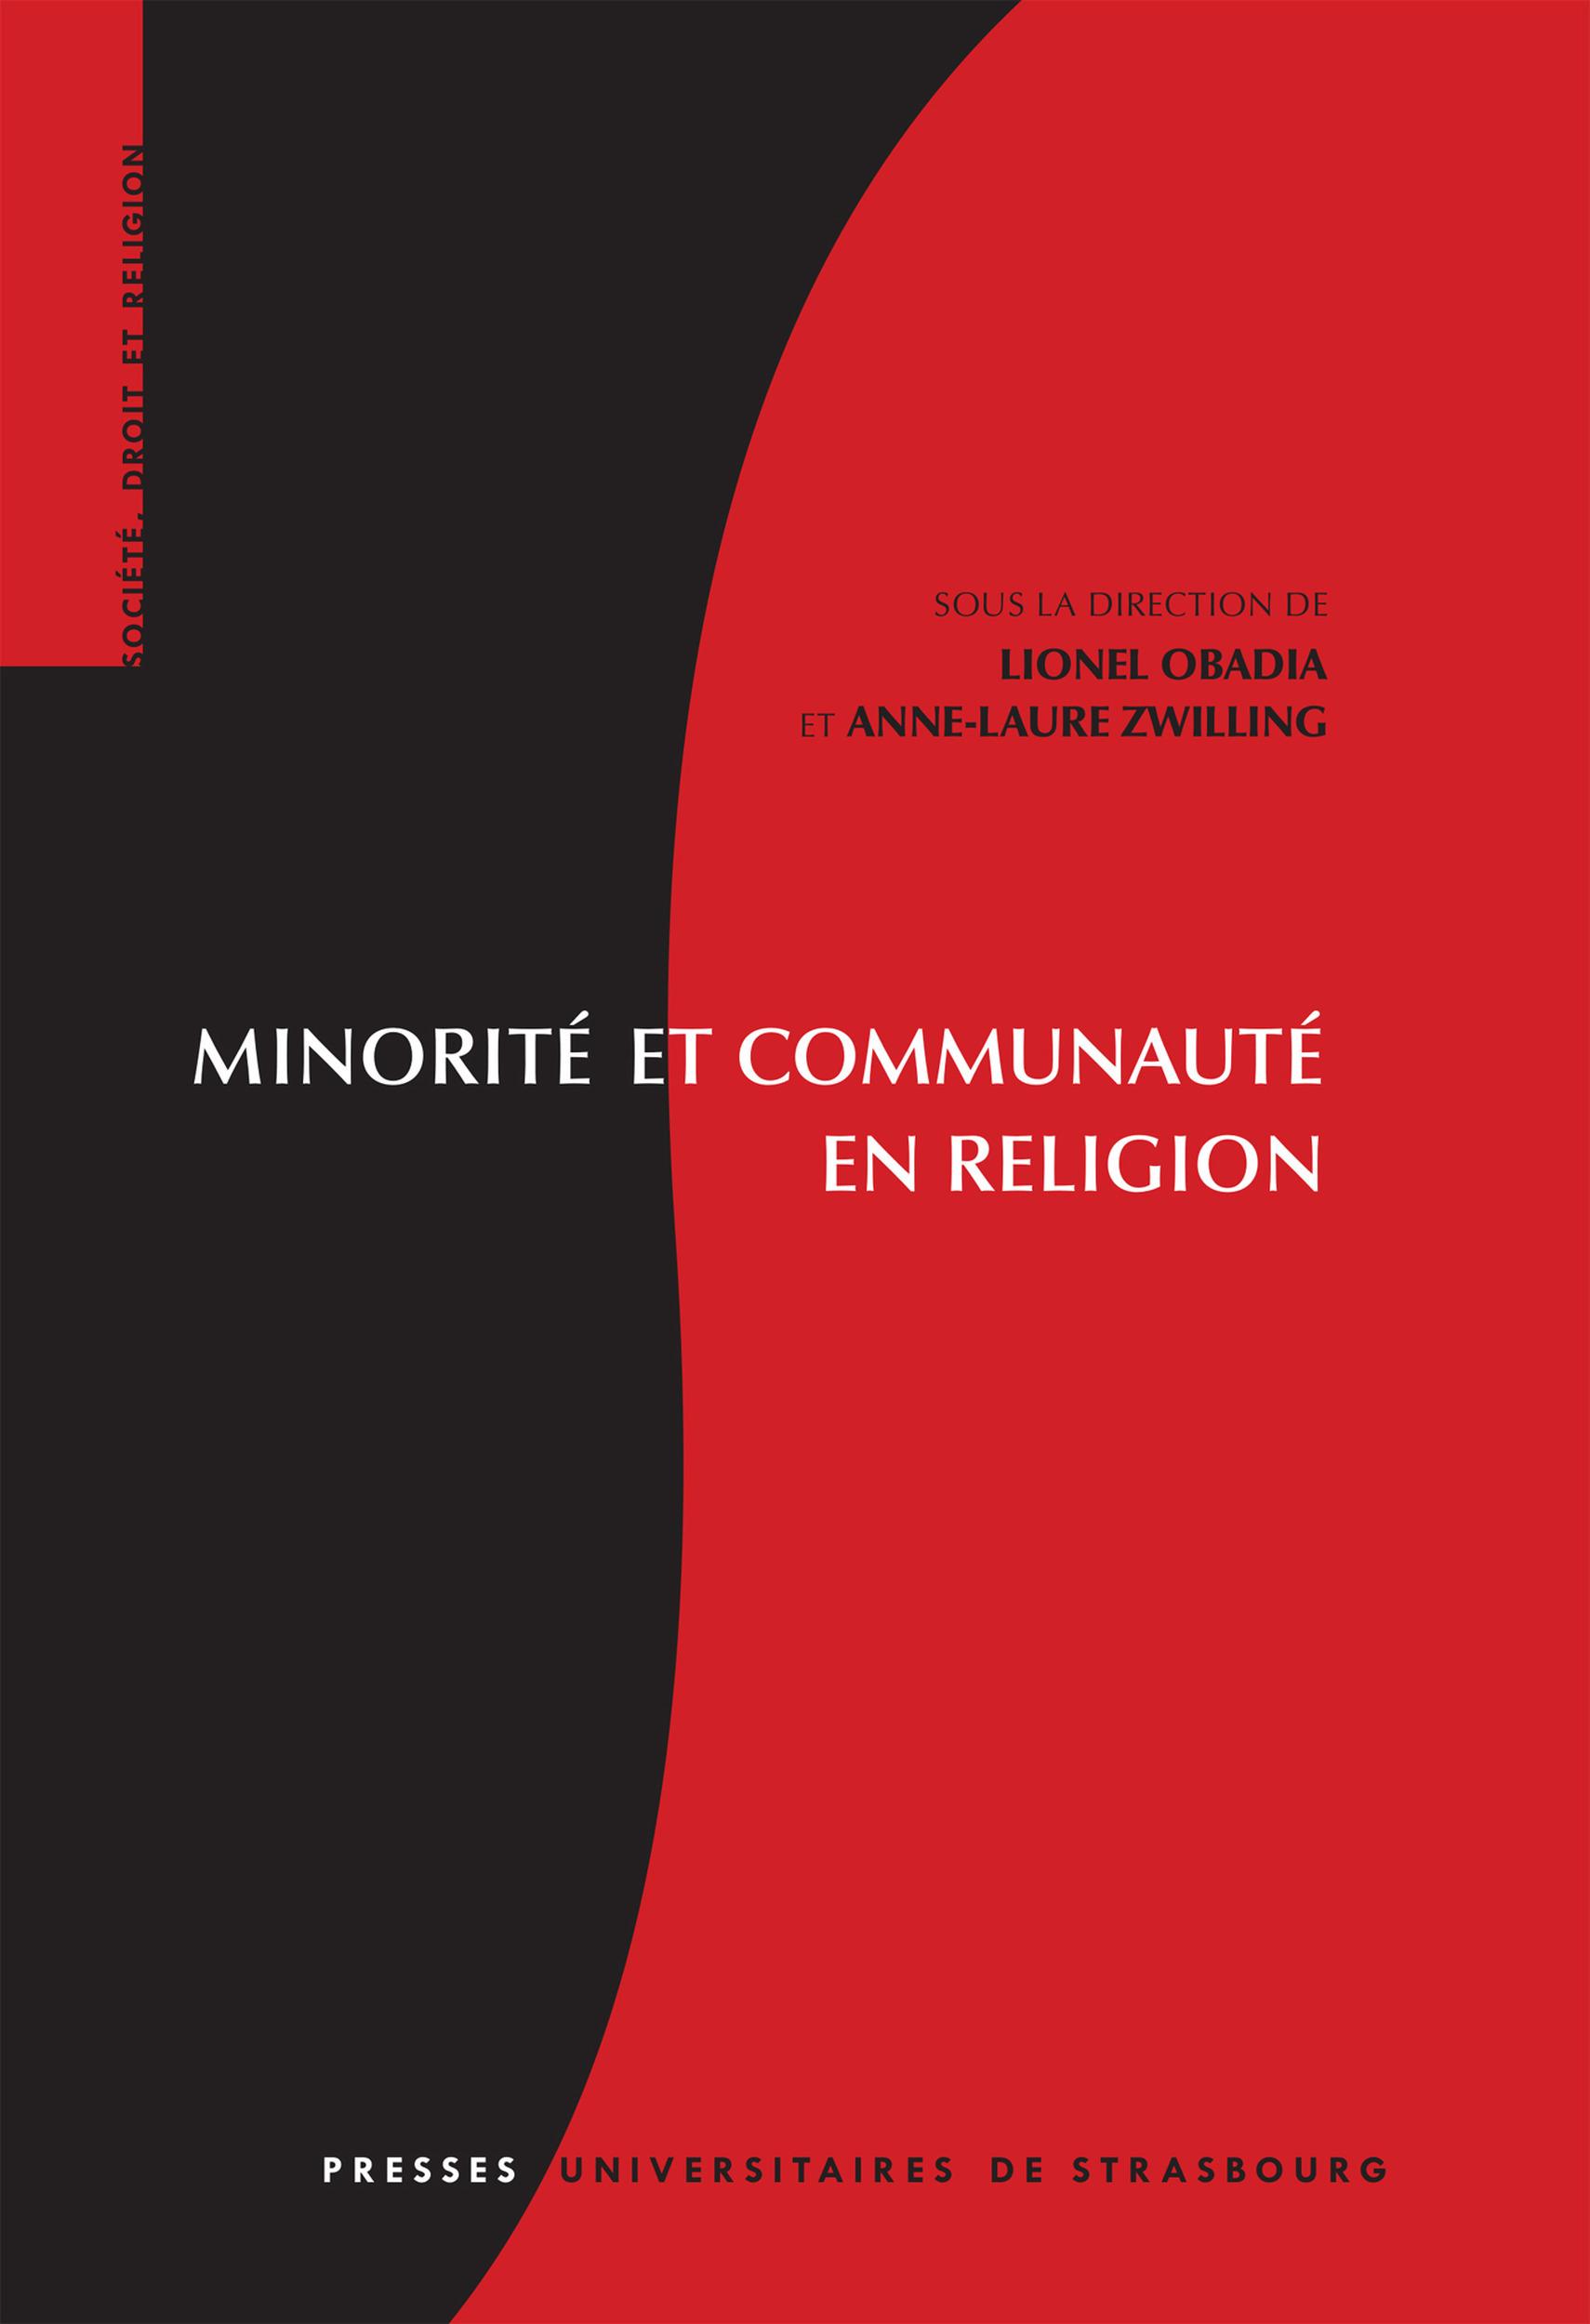 minorite et communaute en religion